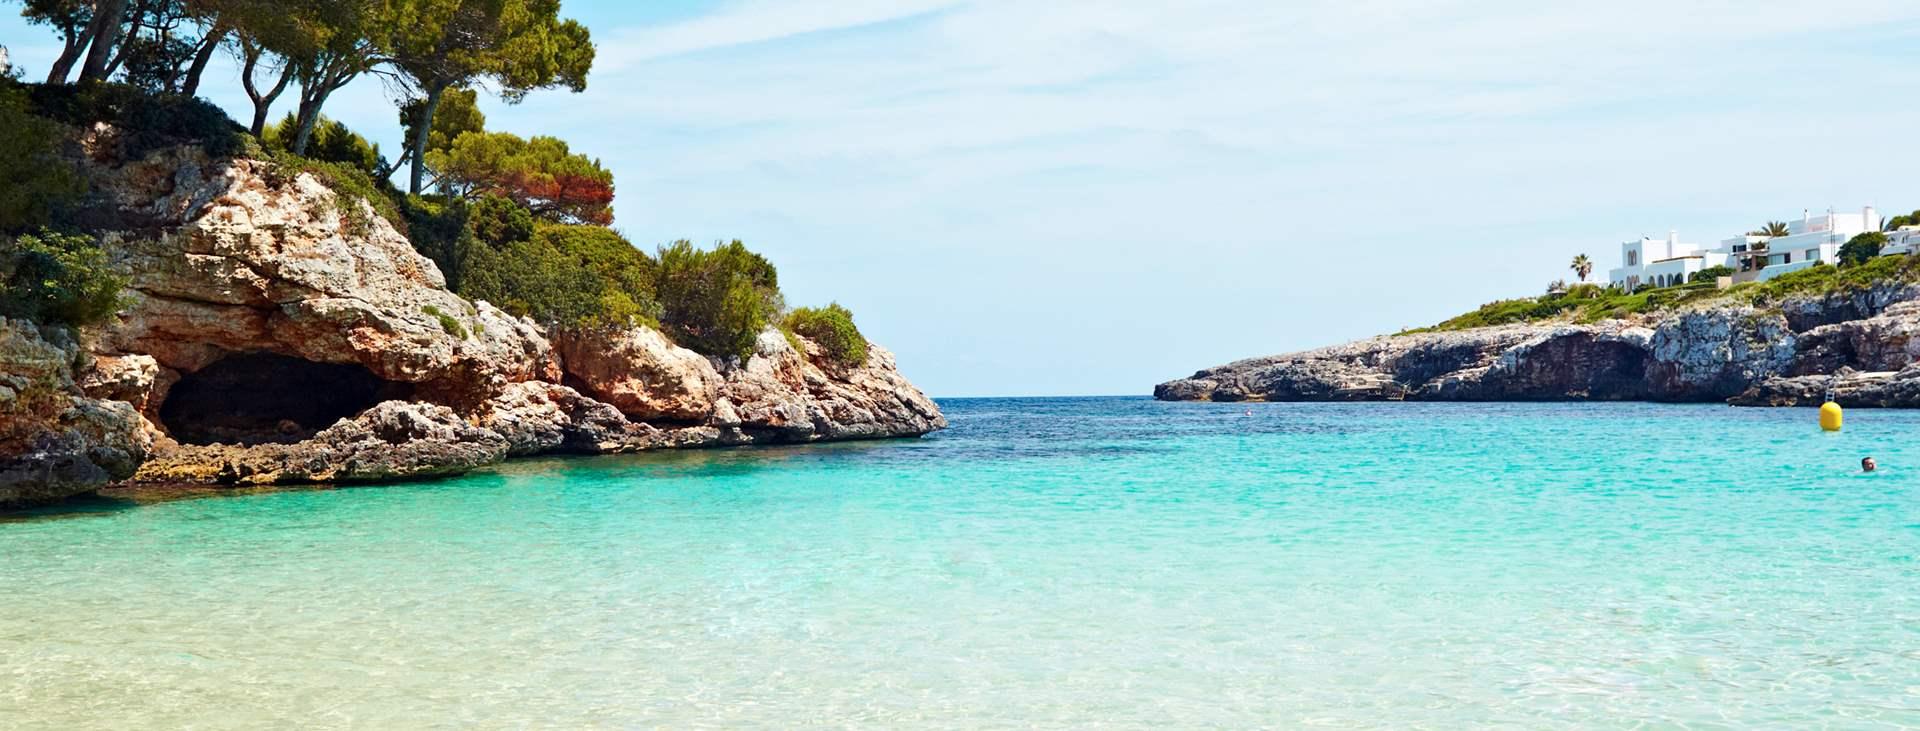 Bestill en reise til Spania – perfekt for en familieferie